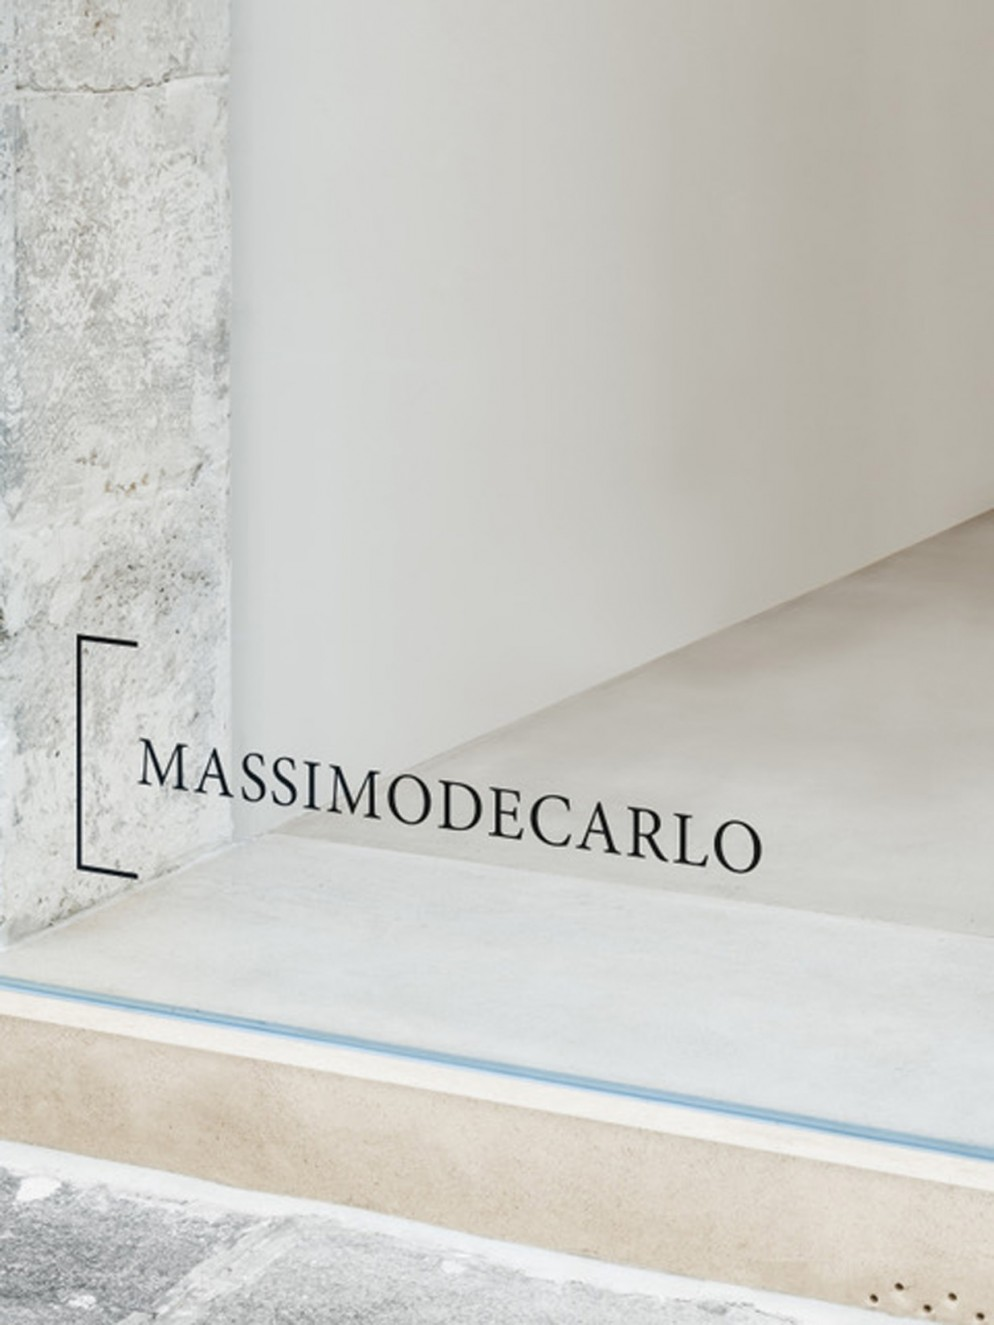 Massimo-de-Carlo-Pièce-Unique-parigi-04